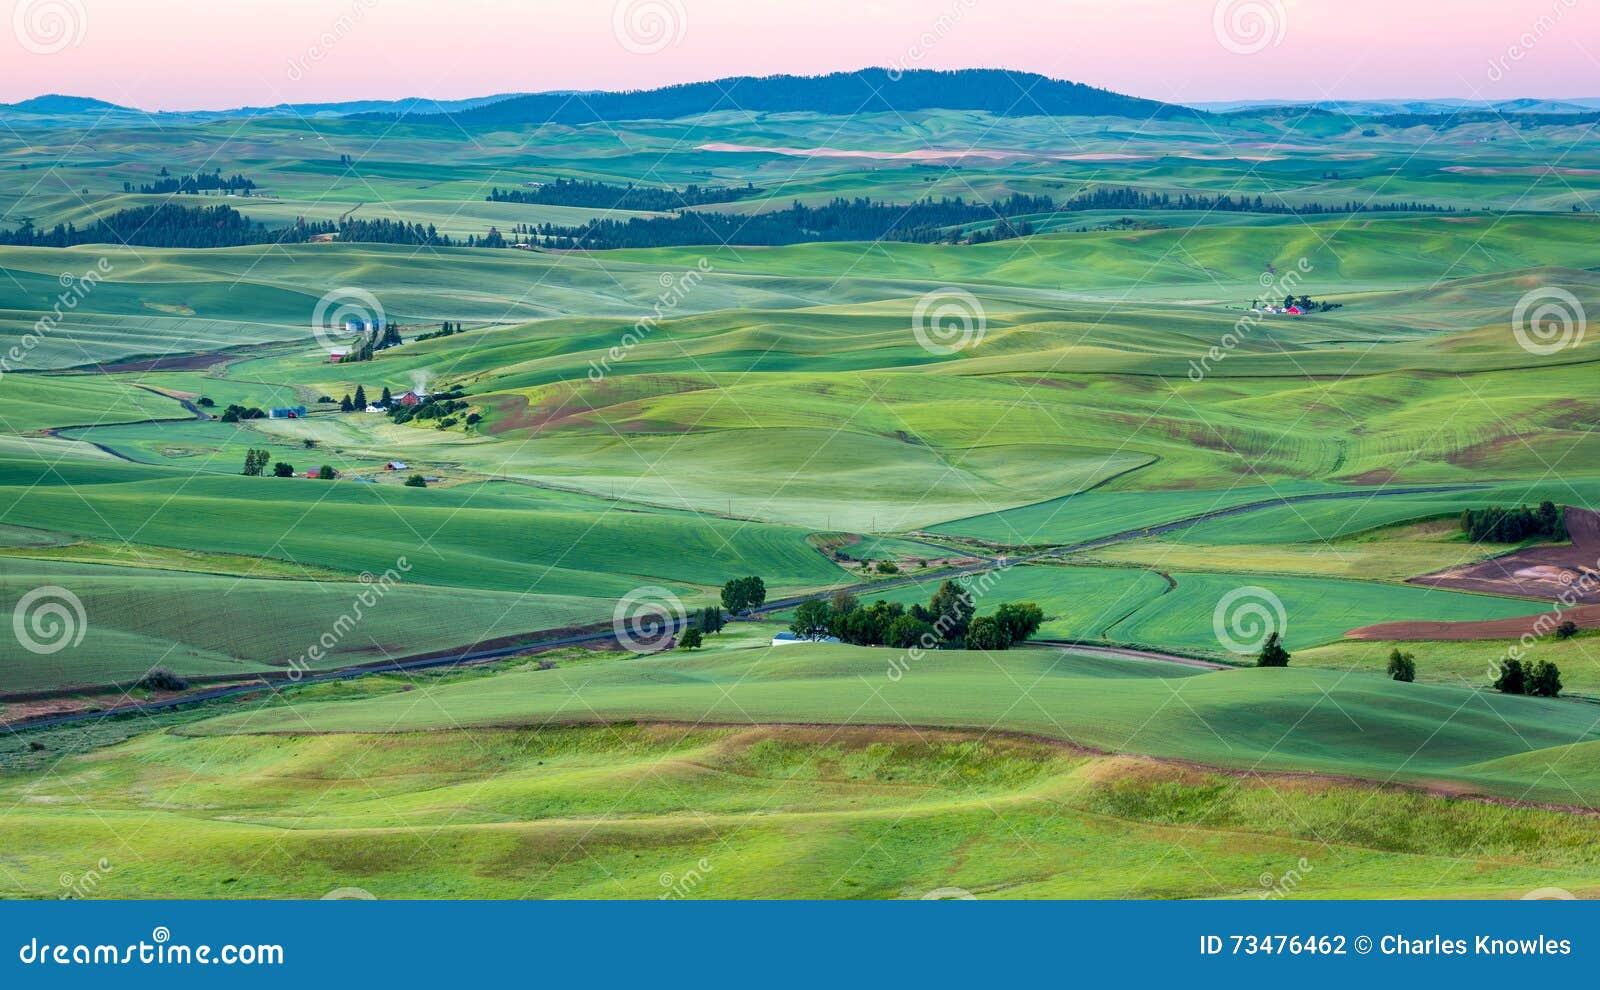 复活节华盛顿农场土地鸟瞰图